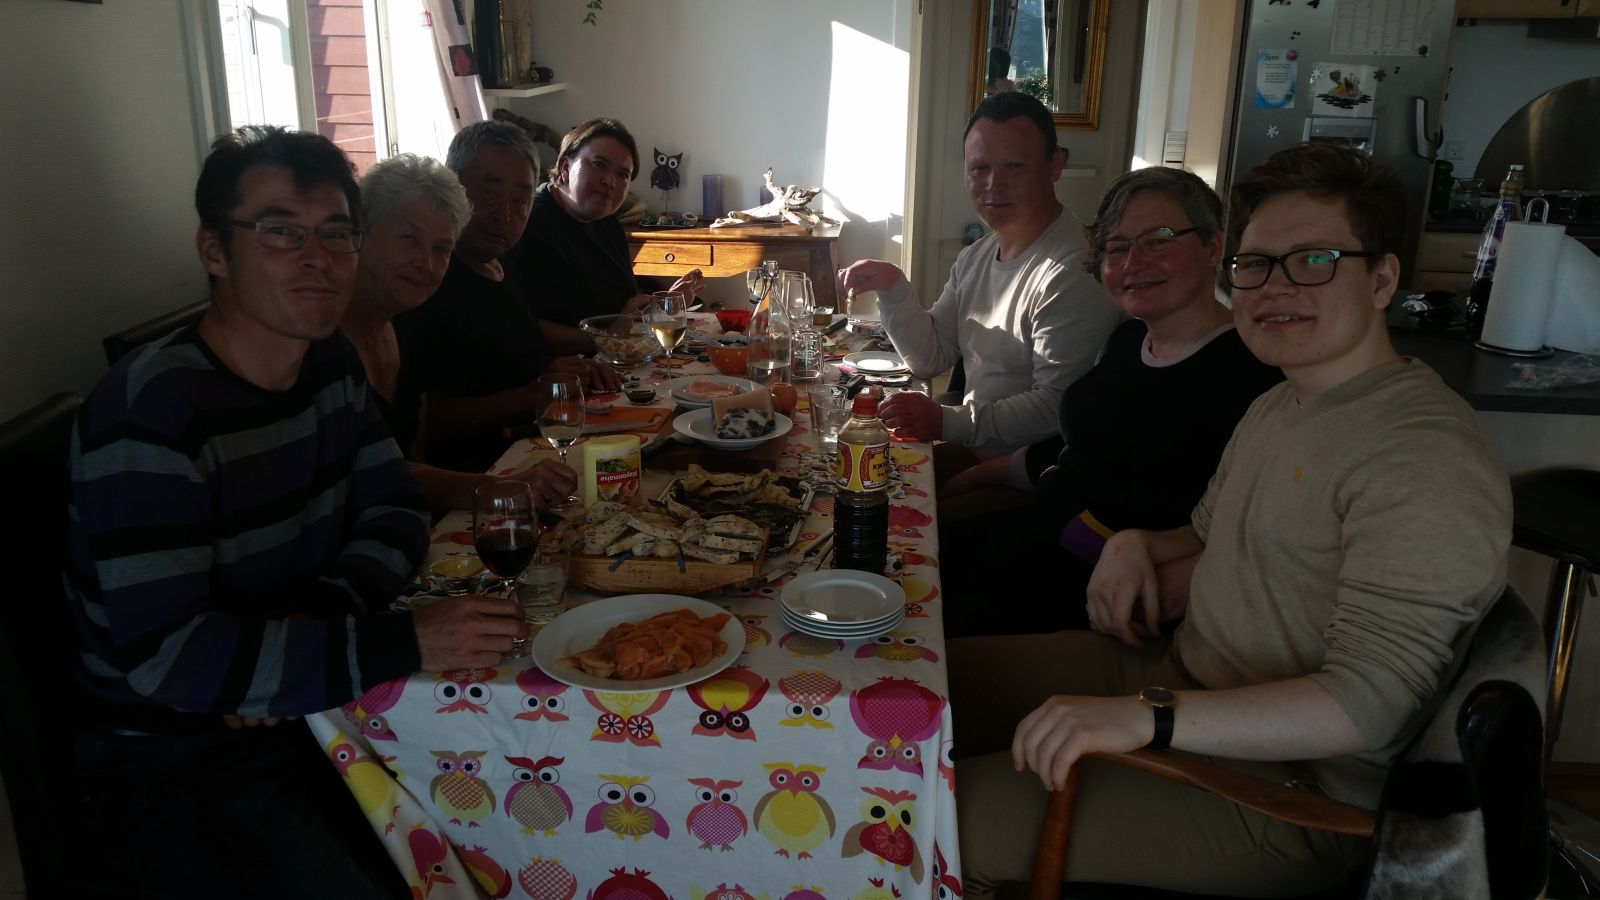 2017-08-13-1847_-_Anna Hessler Labansen; Jesper Labansen; Jørgen Labansen; Mette Labansen; Rumle Labansen; Ruth Laban